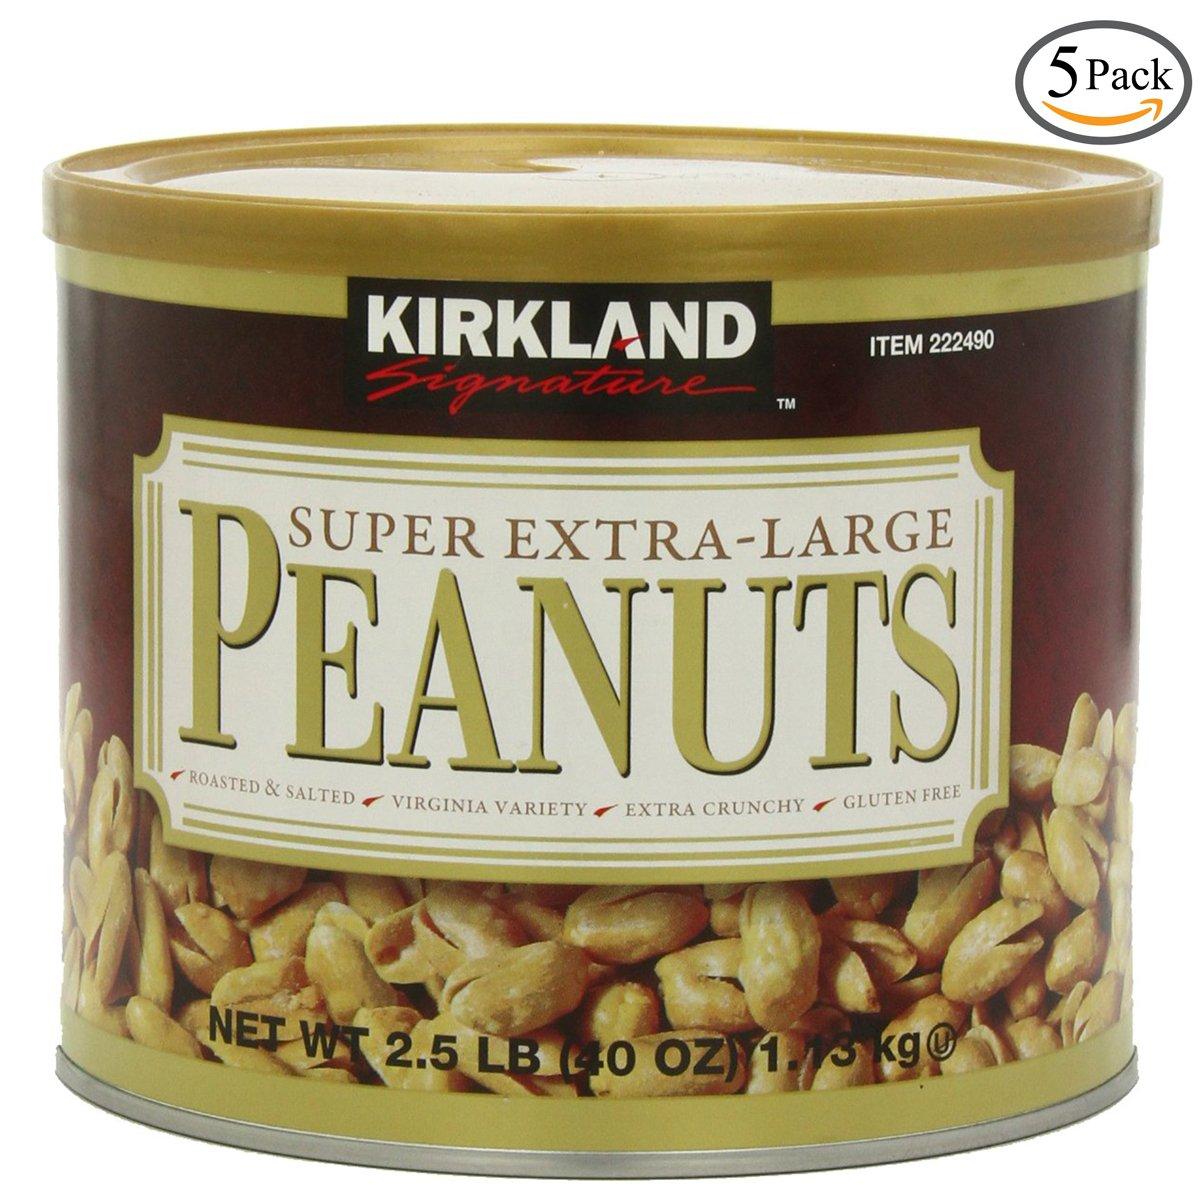 Kirkland Signature Super XL VA Peanuts, 40 Ounce, 4 Pack